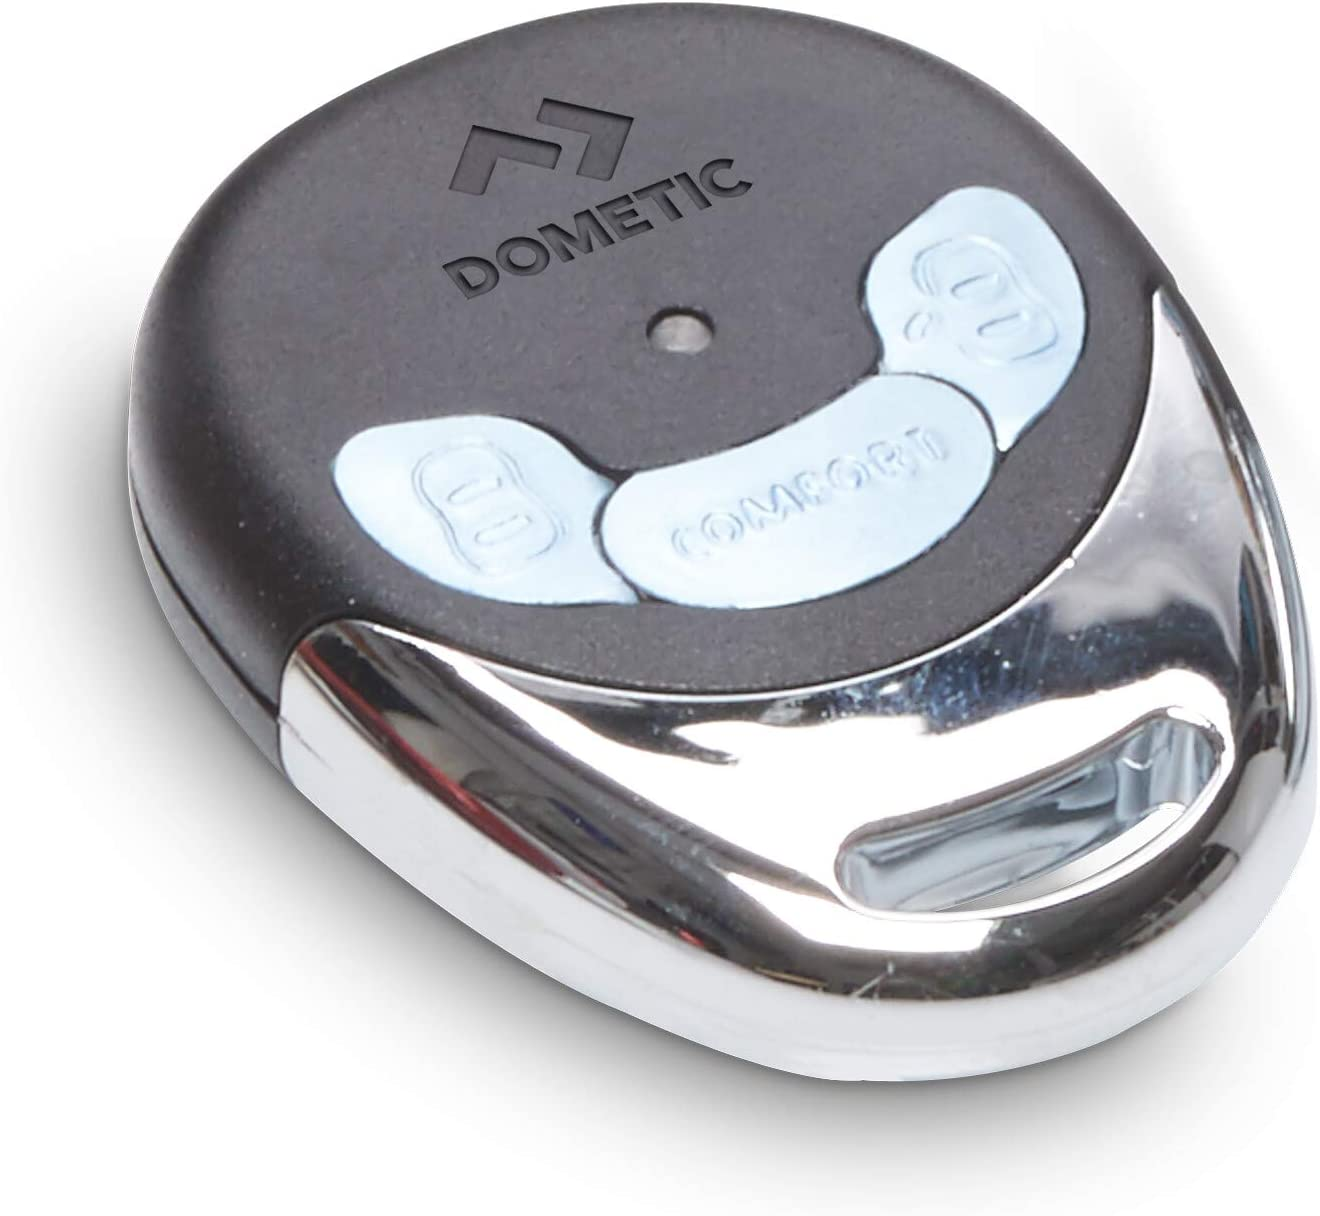 Dometic 9101300009 Magictouch Funk Handsender Für Mt 400 Und Ms 660 Auto